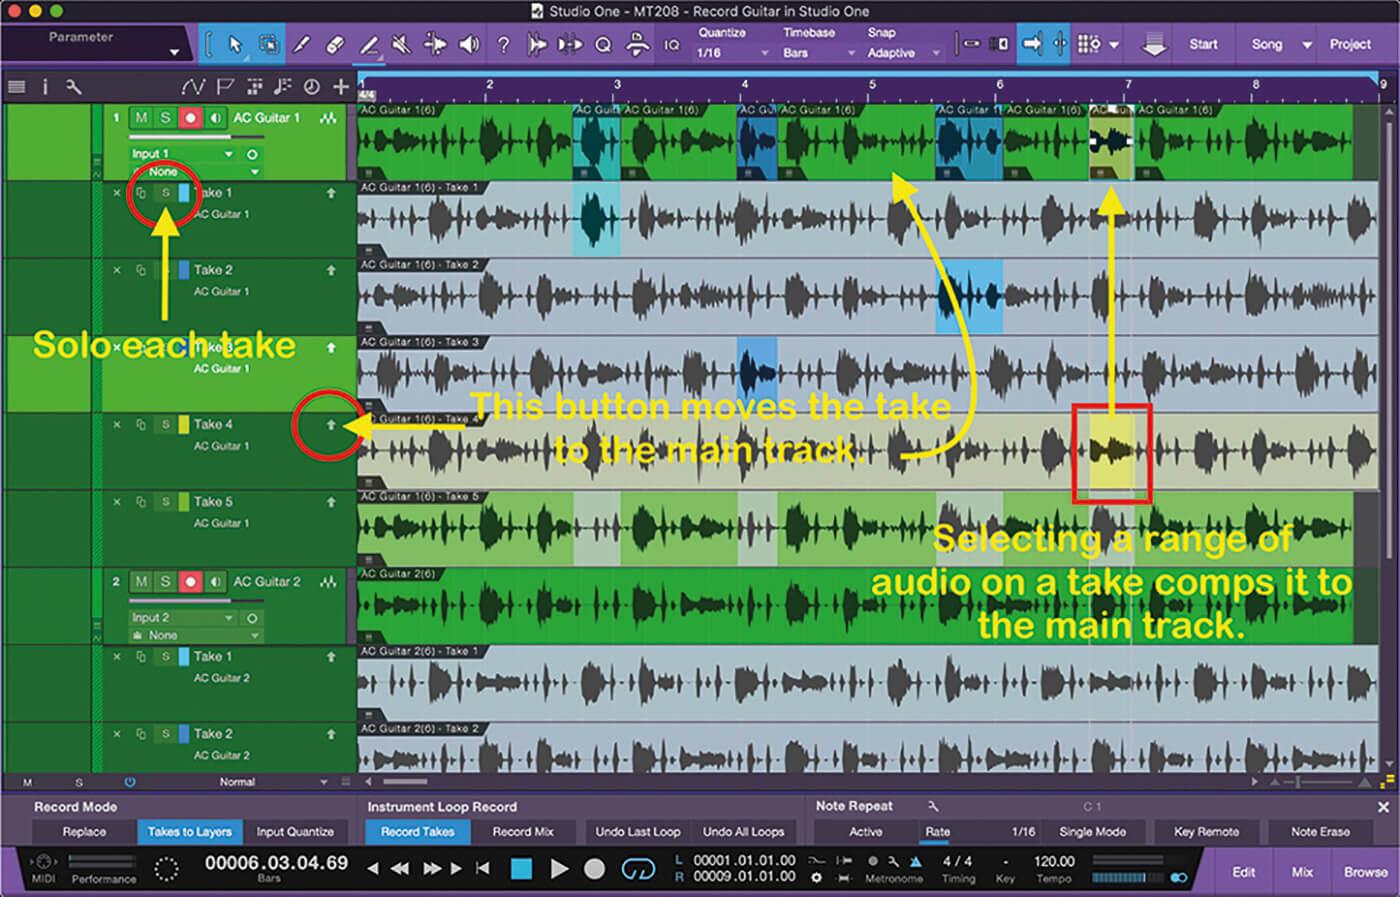 Recording Guitars In Studio One 17